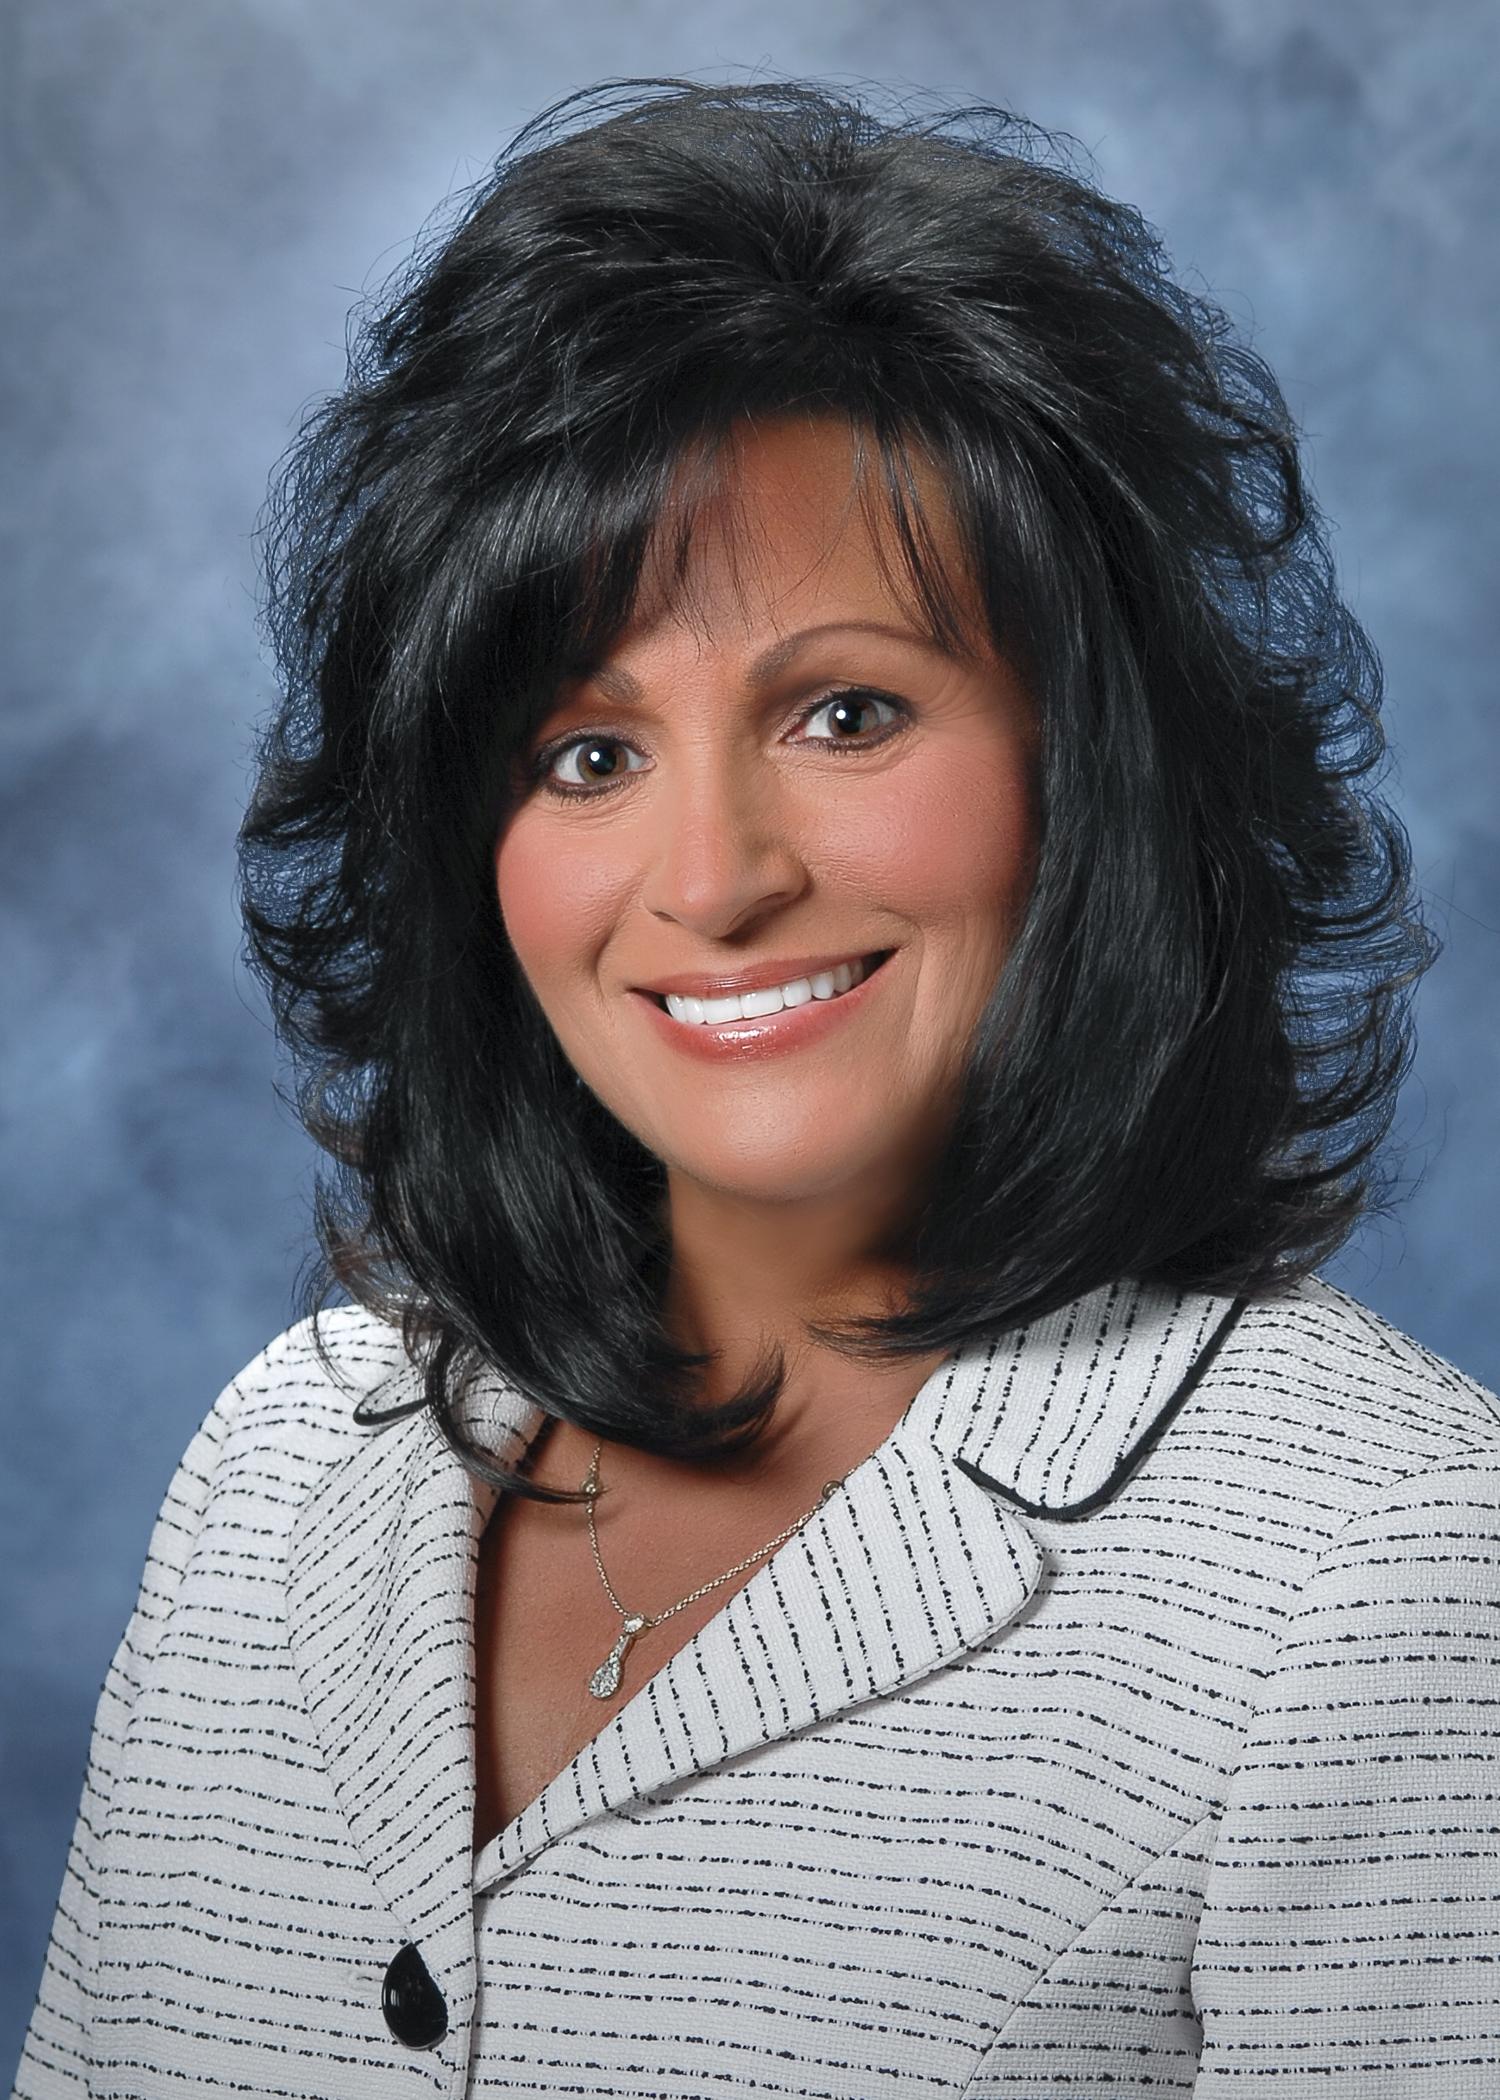 Stroke Health Care Expert, Laurie Paletz Joins Board of Advisors